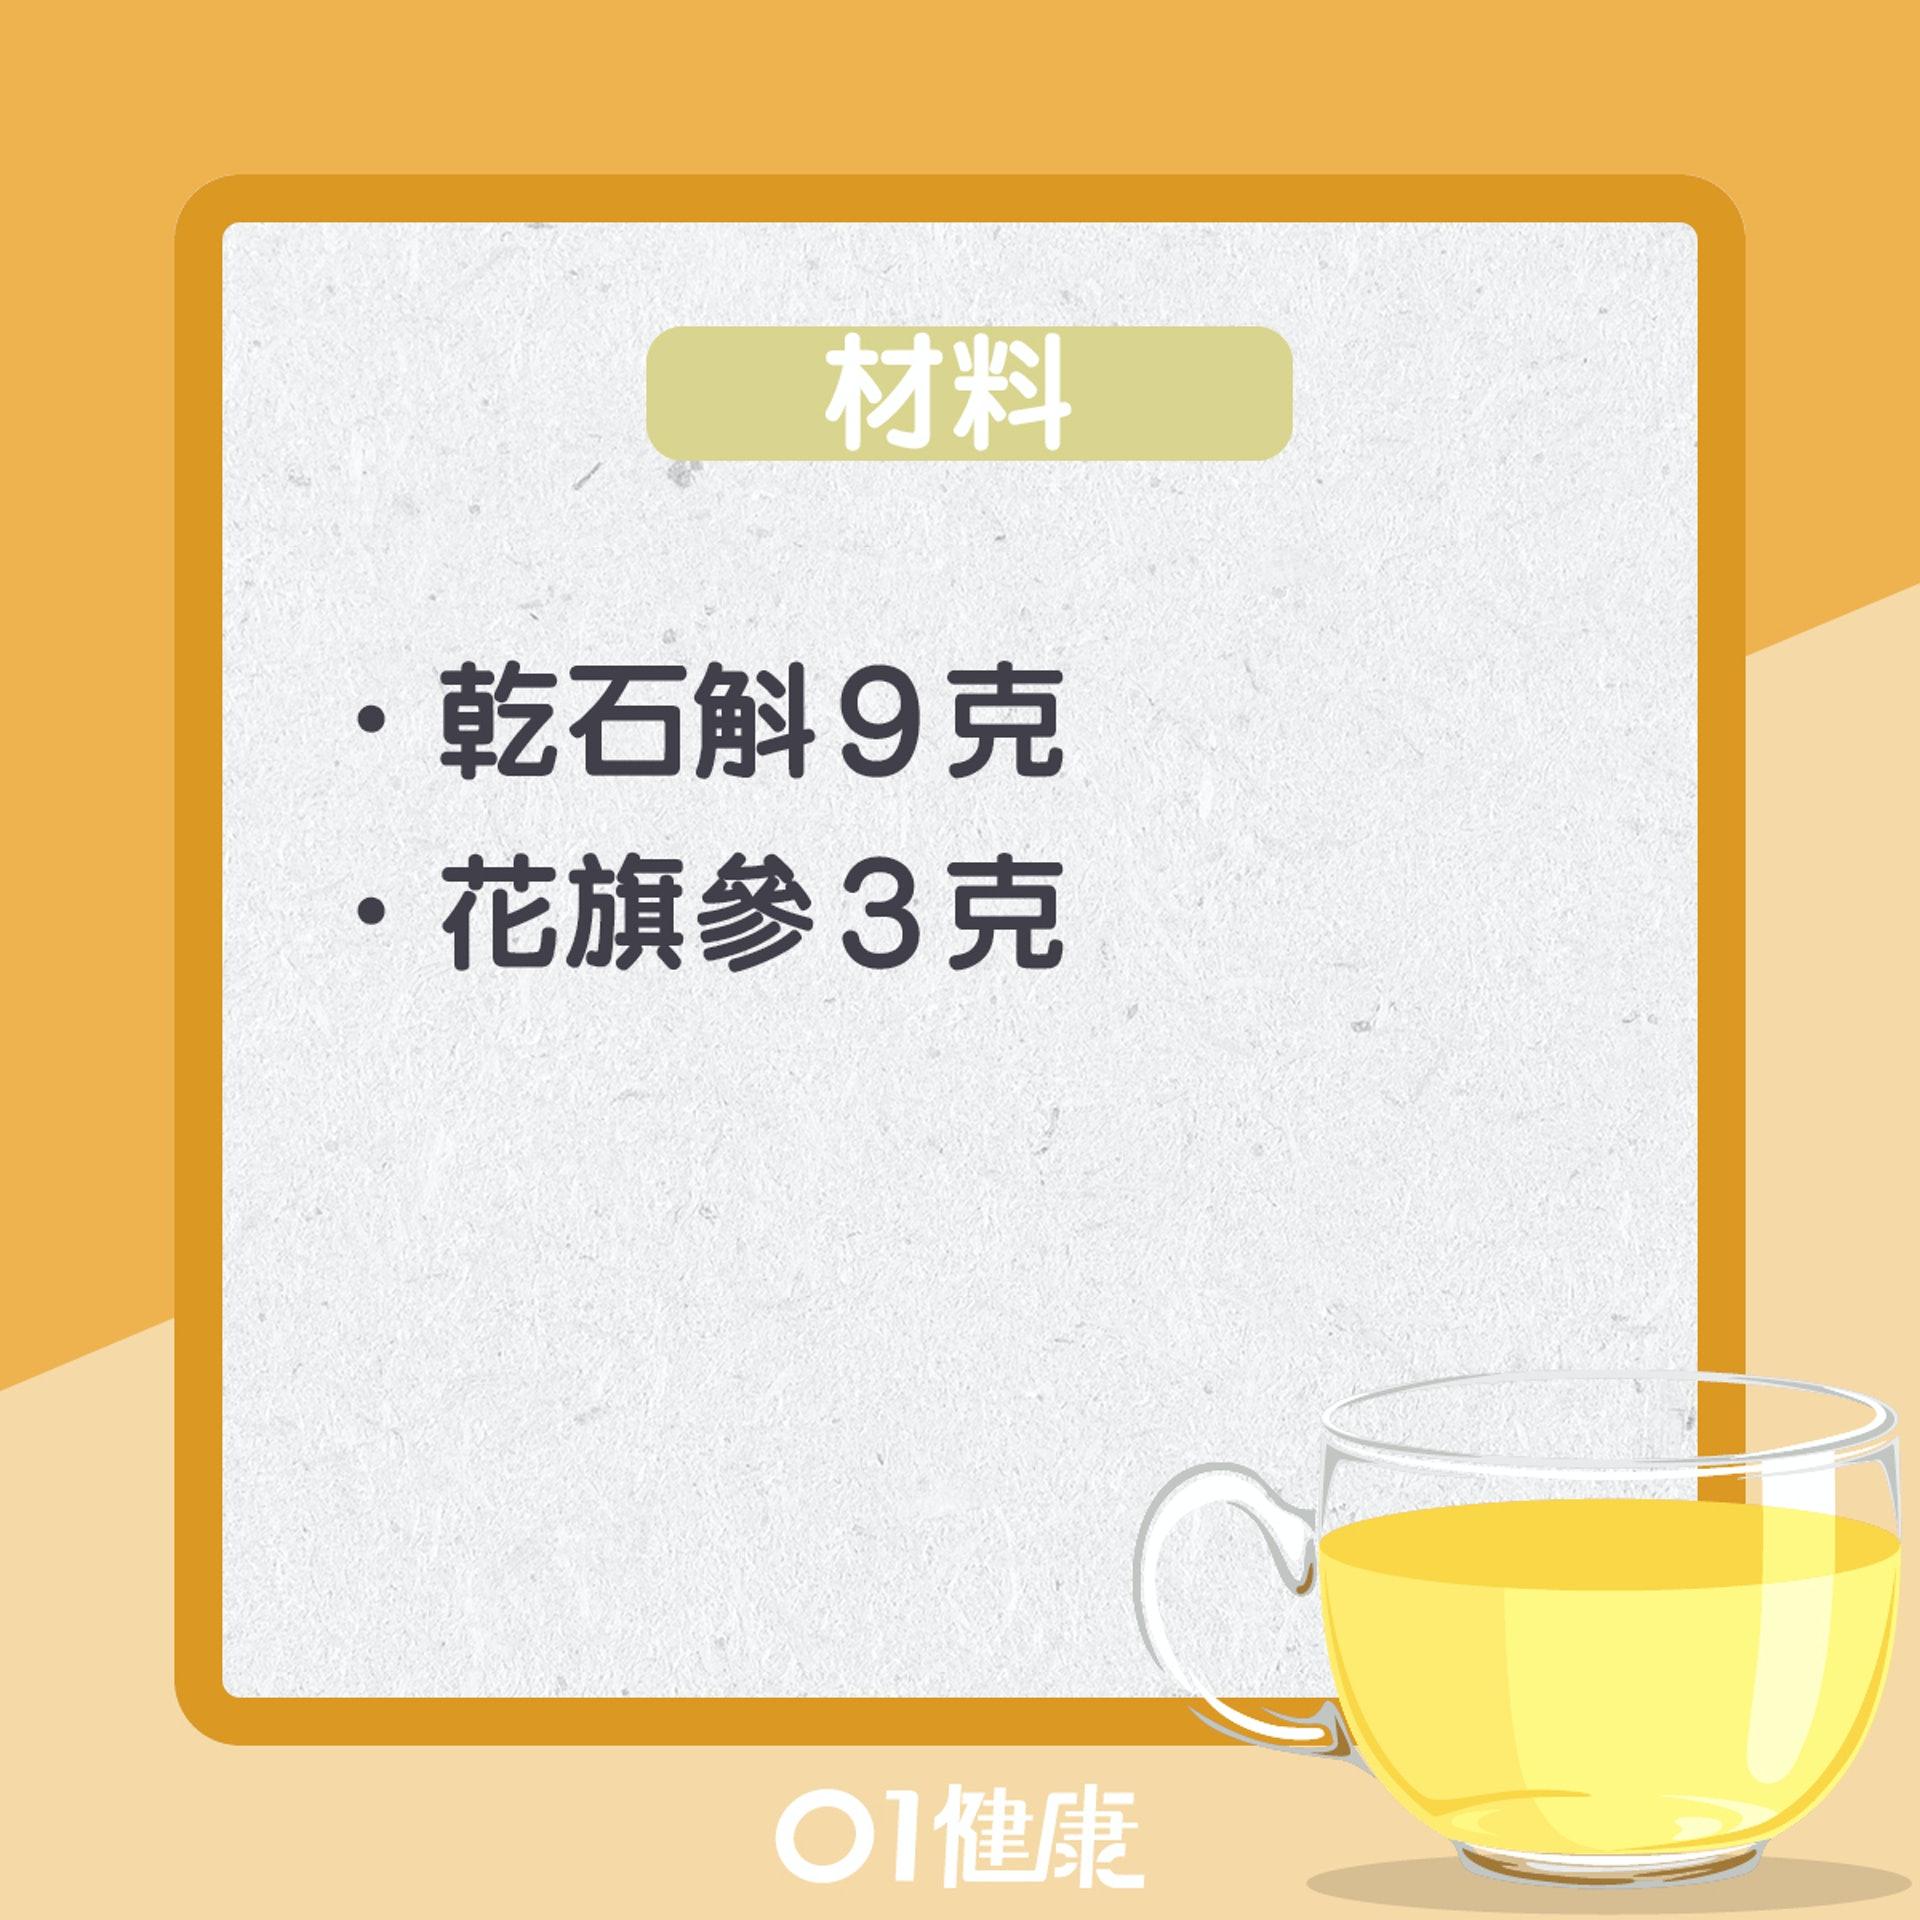 石斛花旗參茶(01製圖)